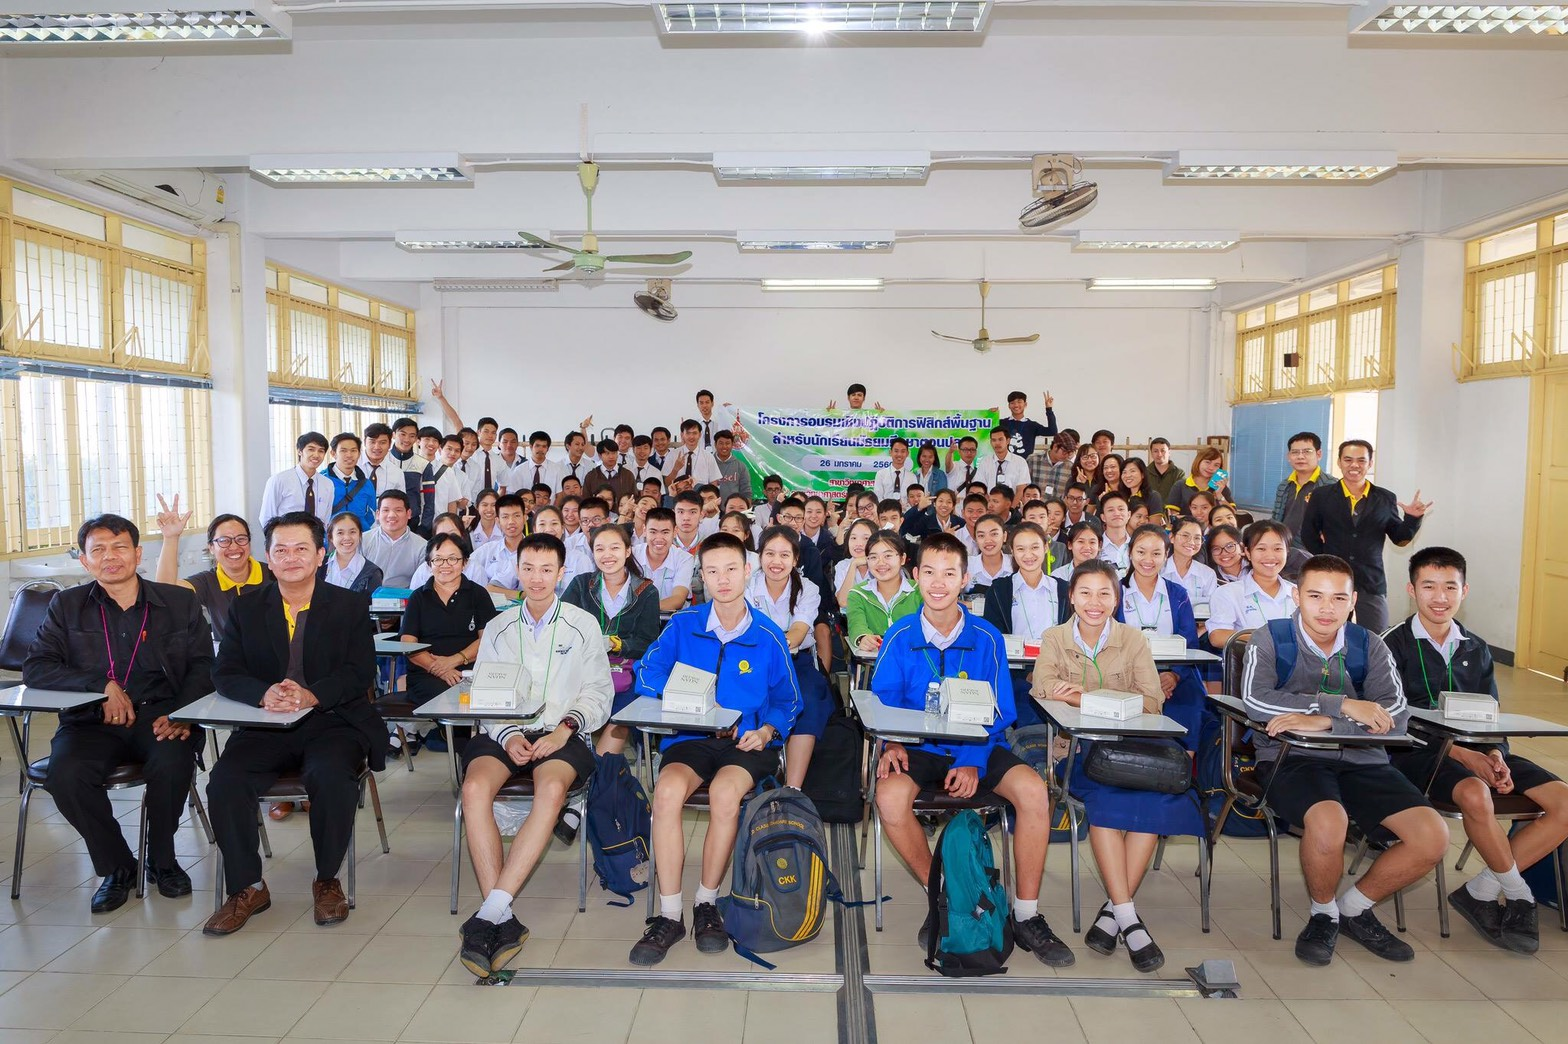 โครงการอบรมเชิงปฏิบัติการฟิสิกส์พื้นฐาน สำหรับนักเรียนมัธยมศึกษาตอนปลาย